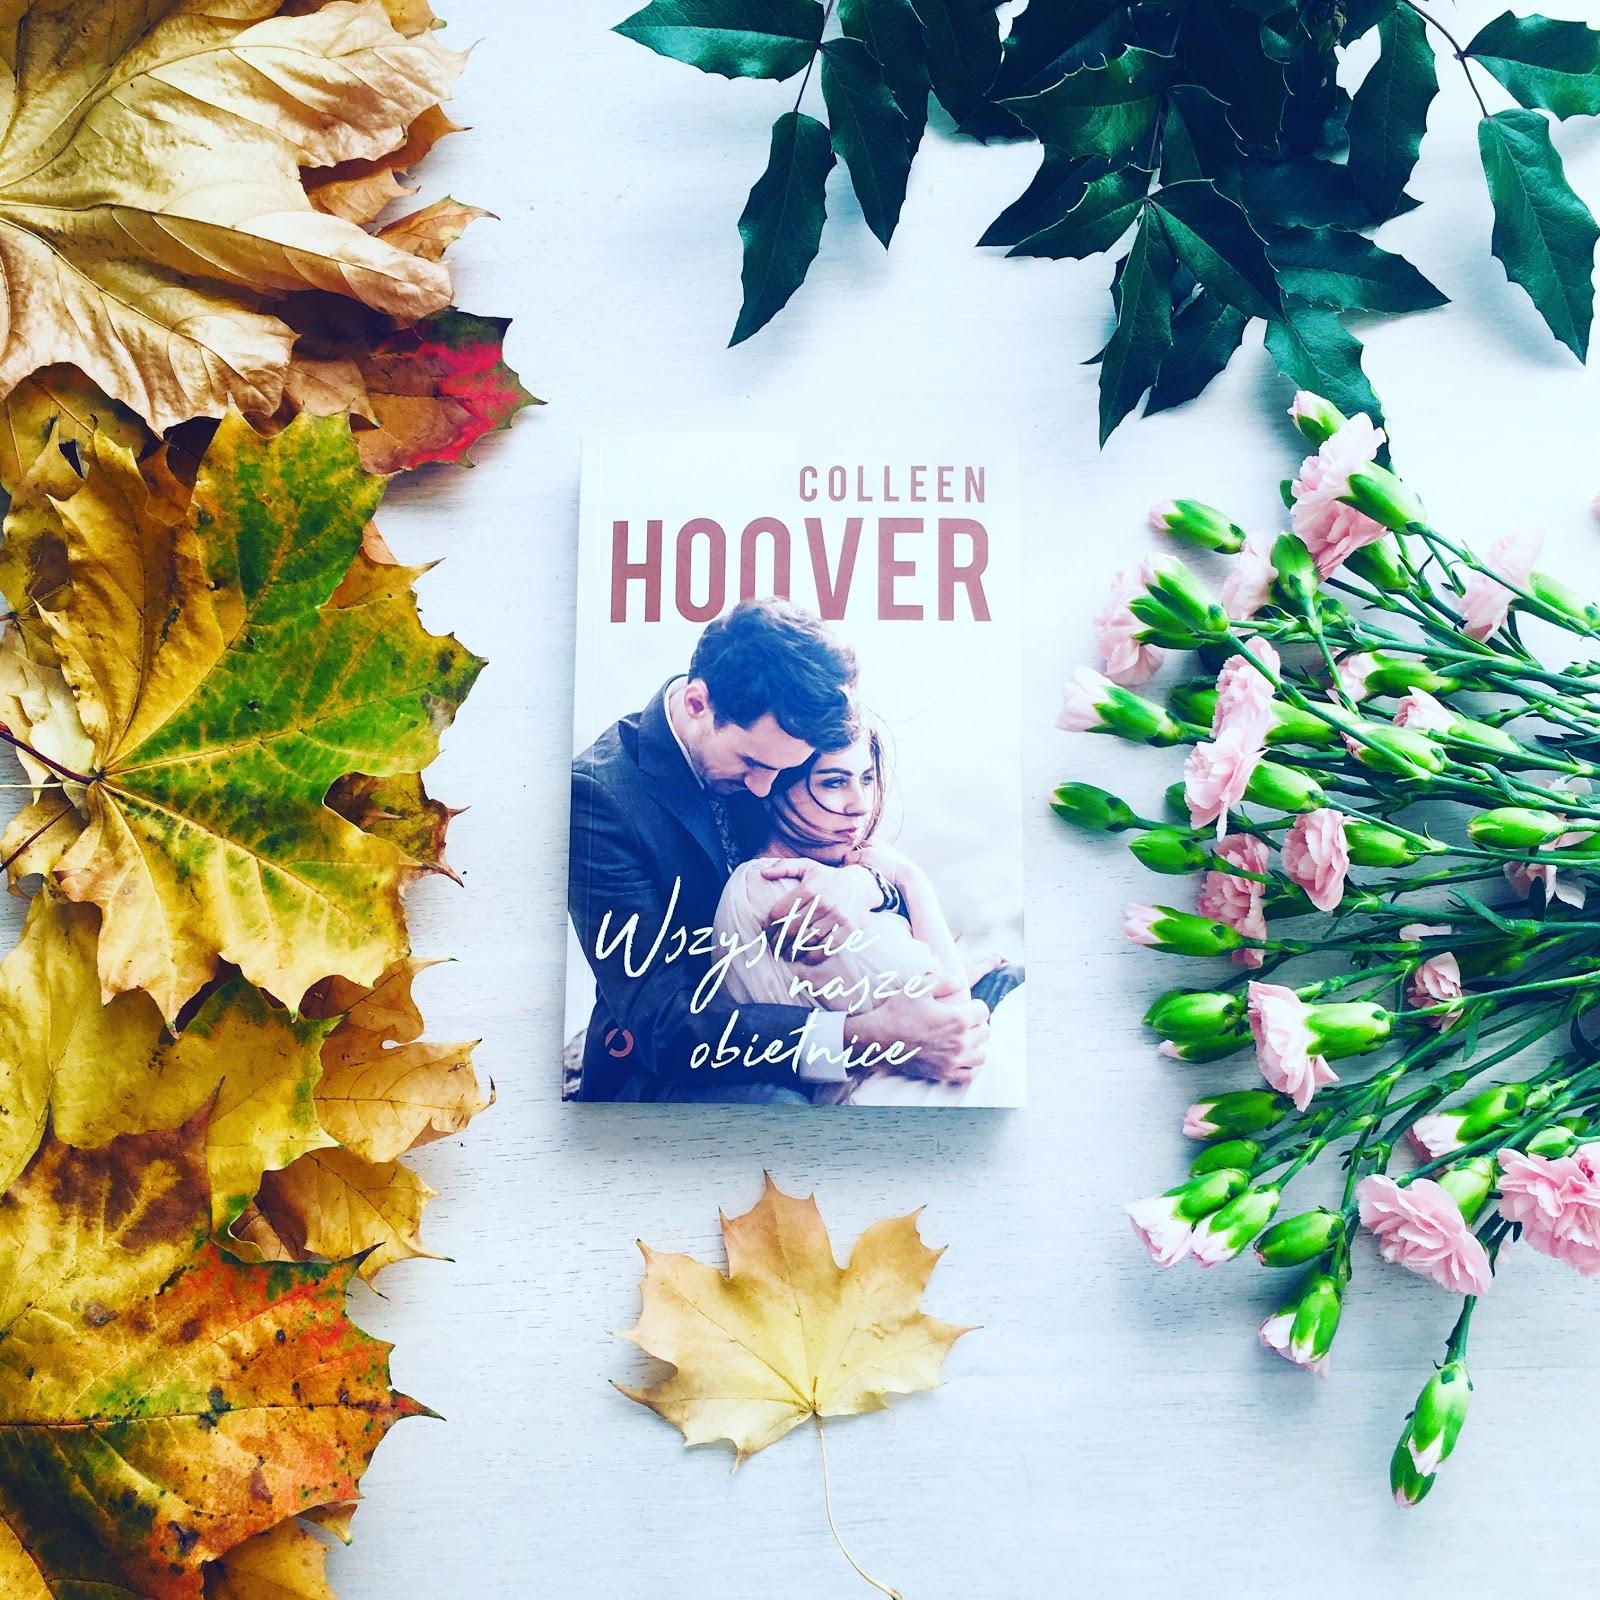 Wszystkie nasze obietnice – Colleen Hoover. Przedpremierowo